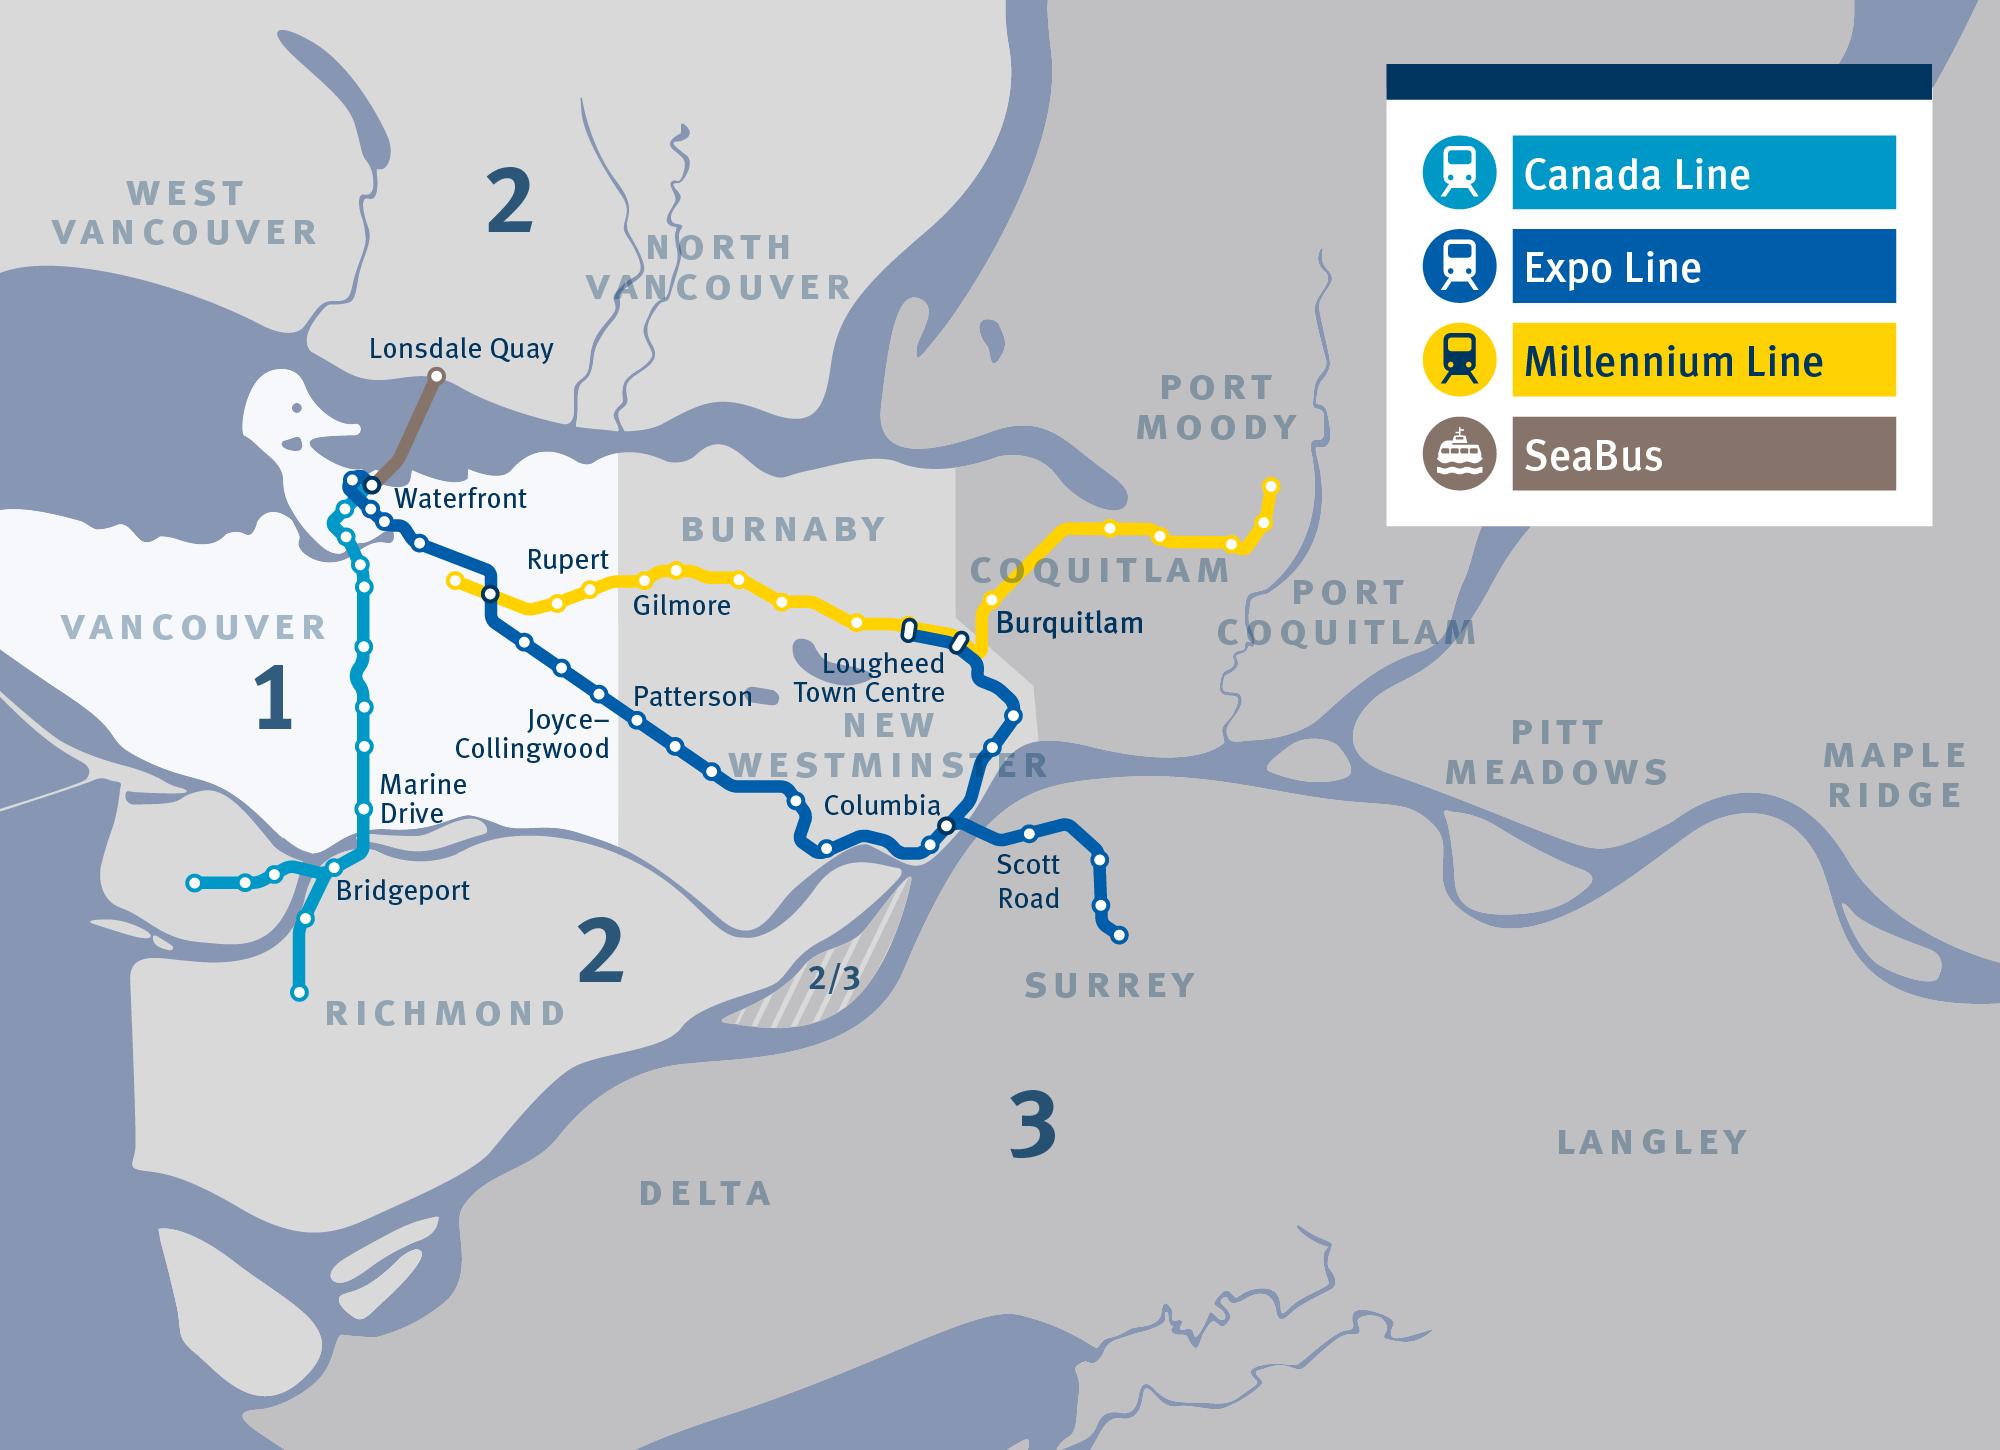 Тарифные зоны общественного транспорта в Ванкувере и его основные маршруты